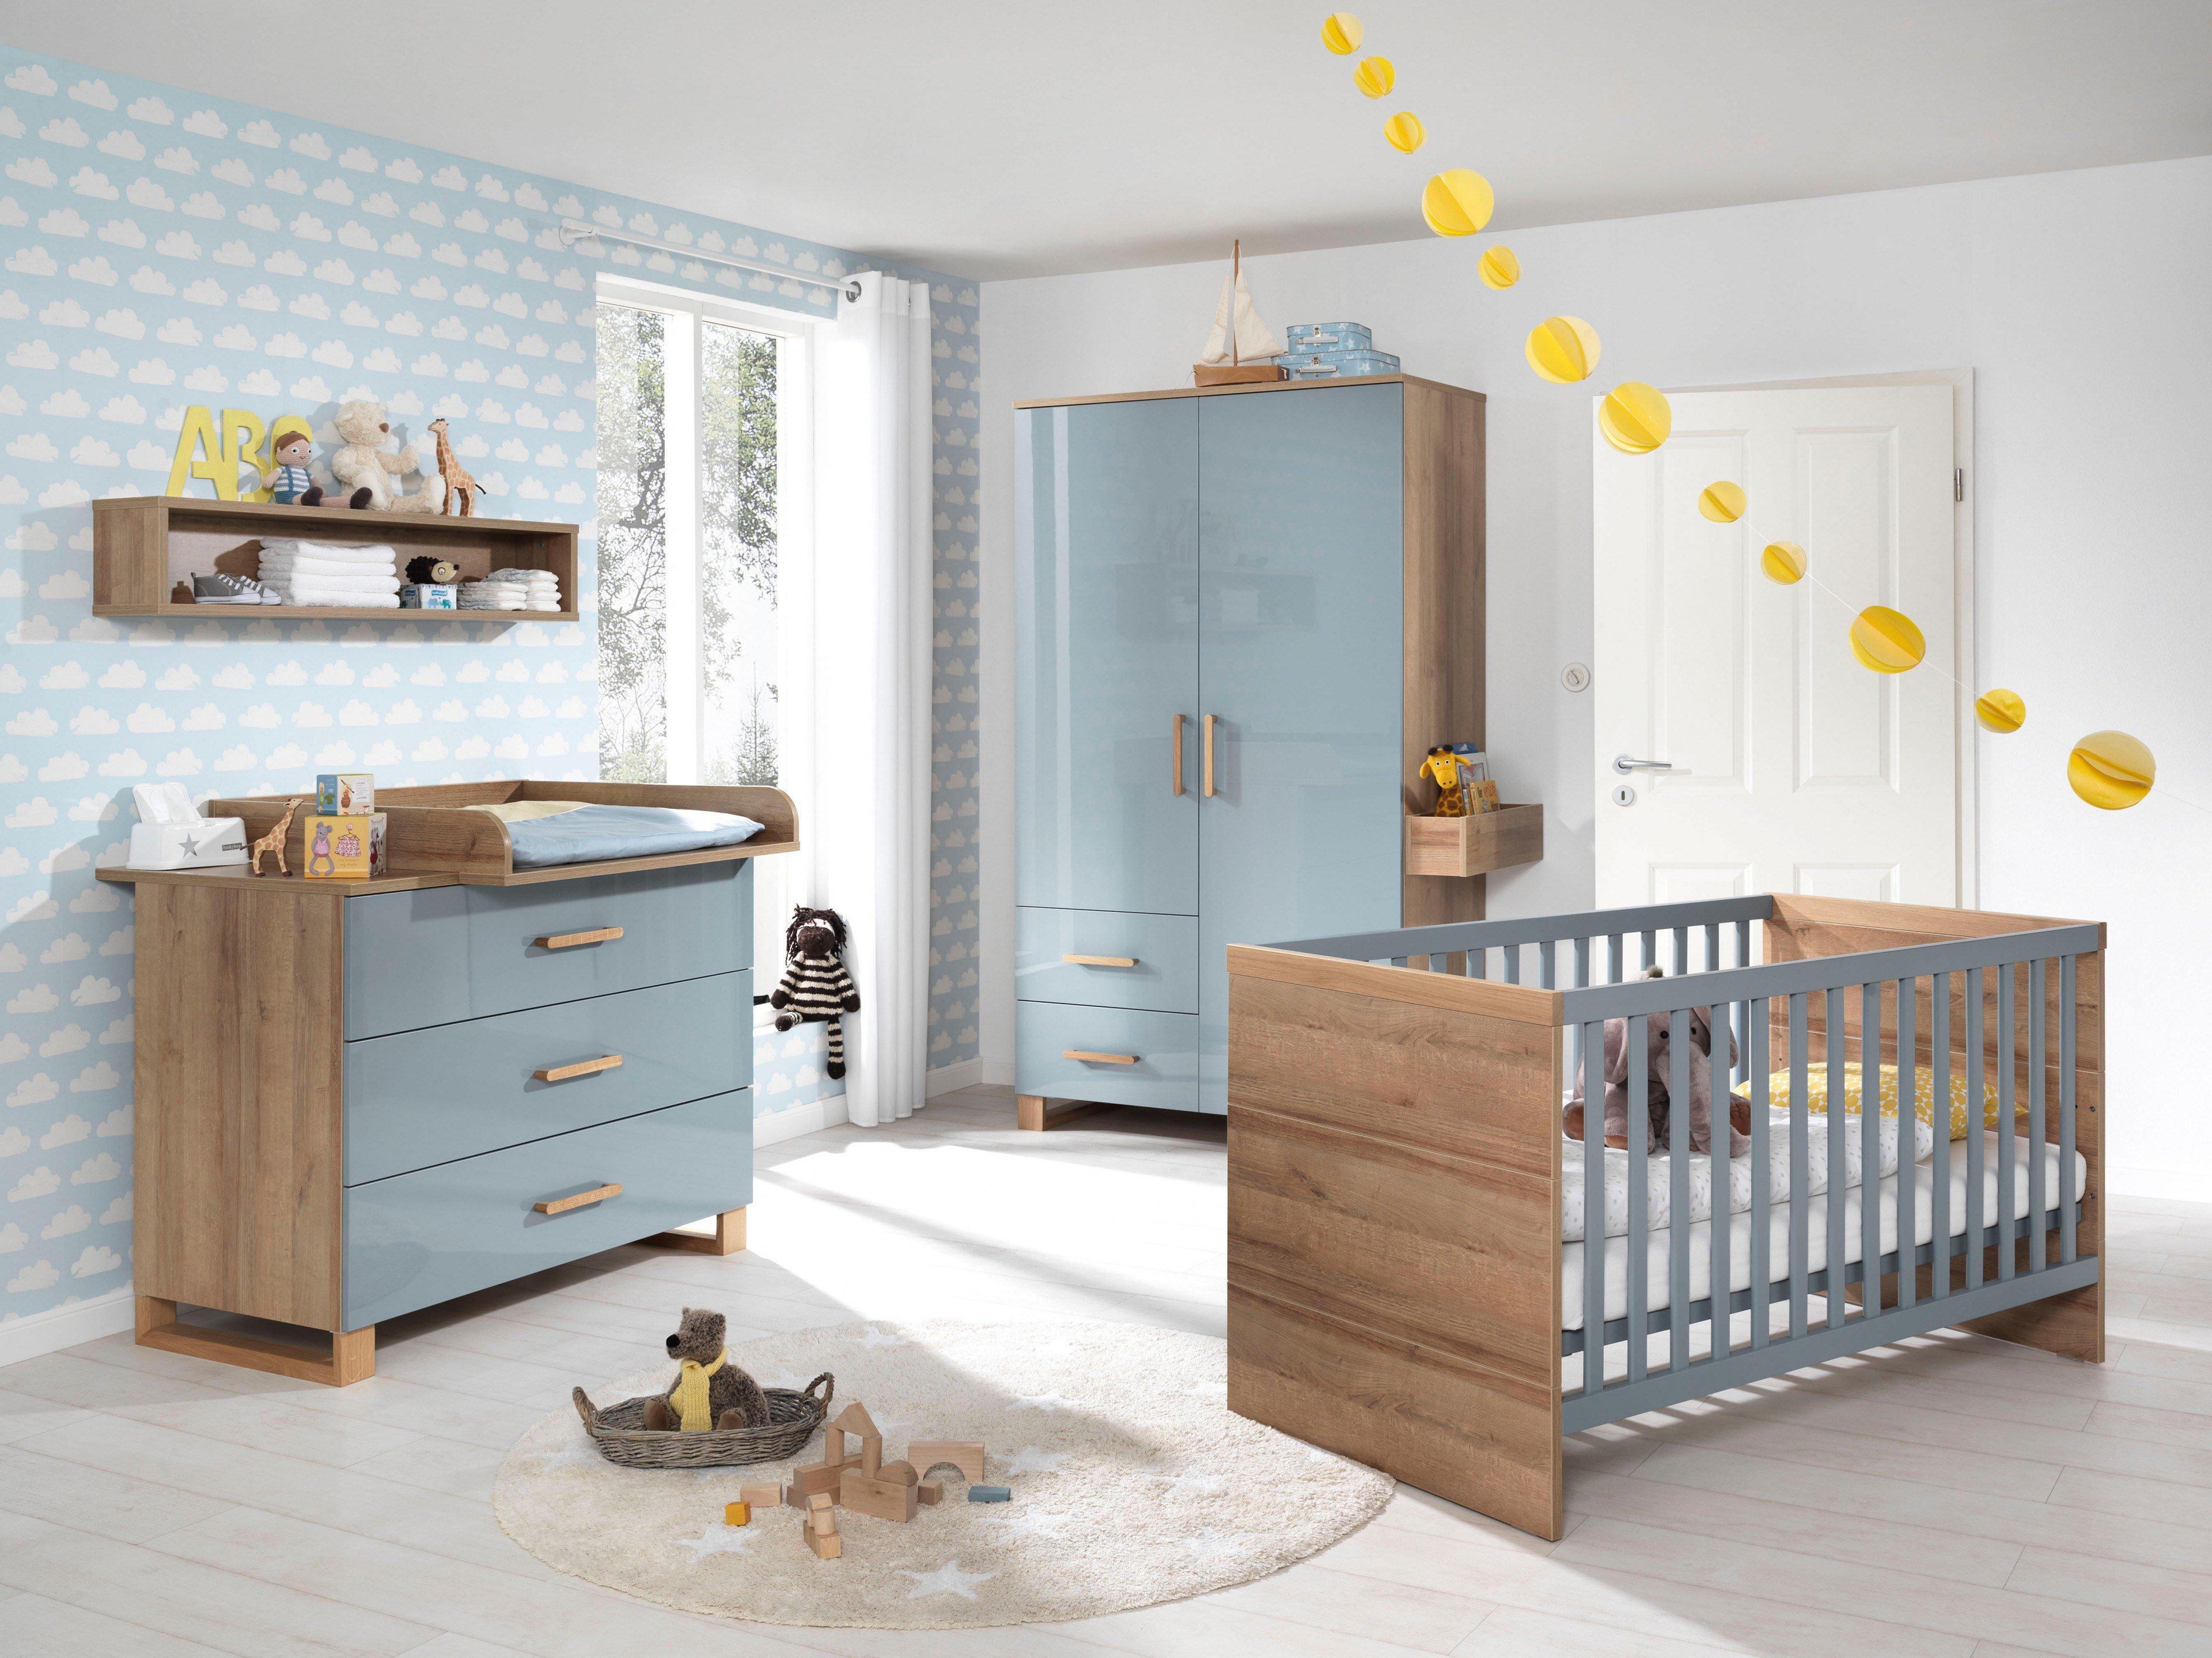 Wellemobel Benno Babyzimmer Blau Eiche Mobel Letz Ihr Online Shop